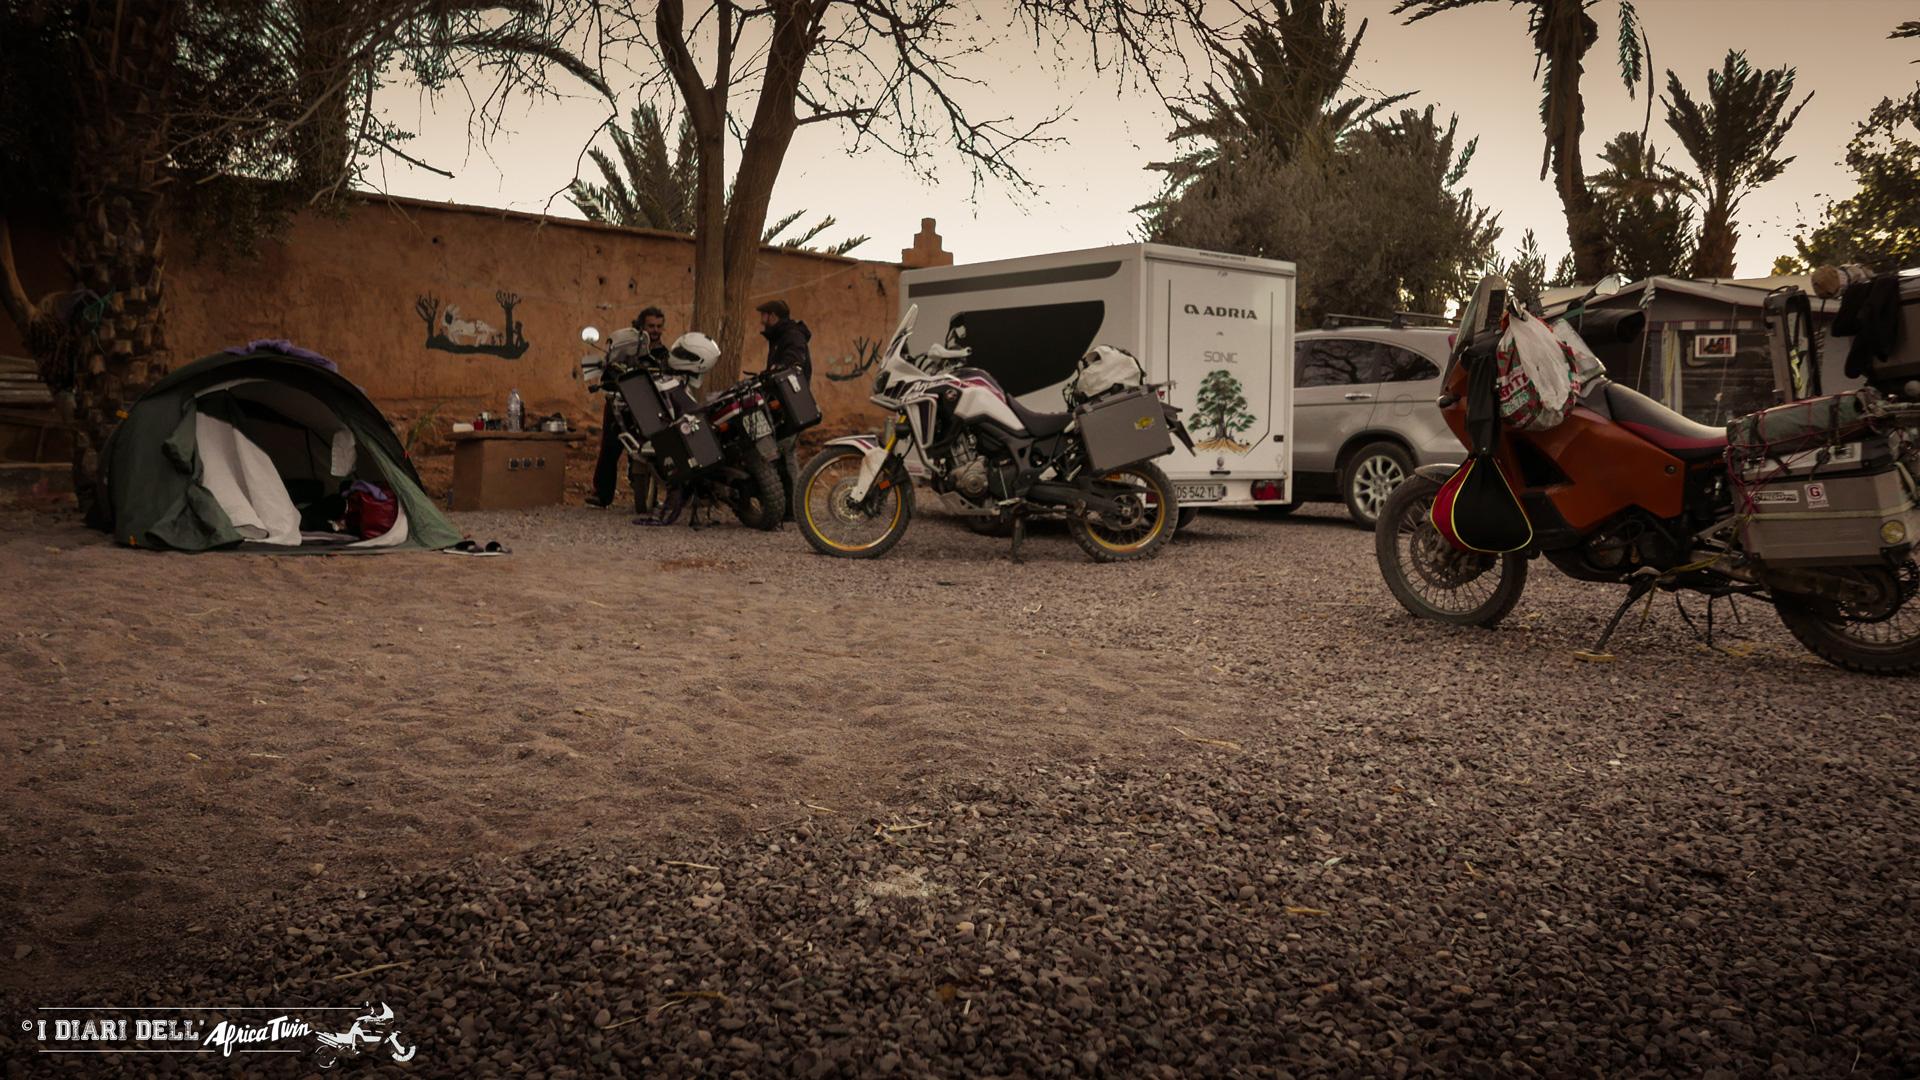 Campeggio in compagnia nel deserto